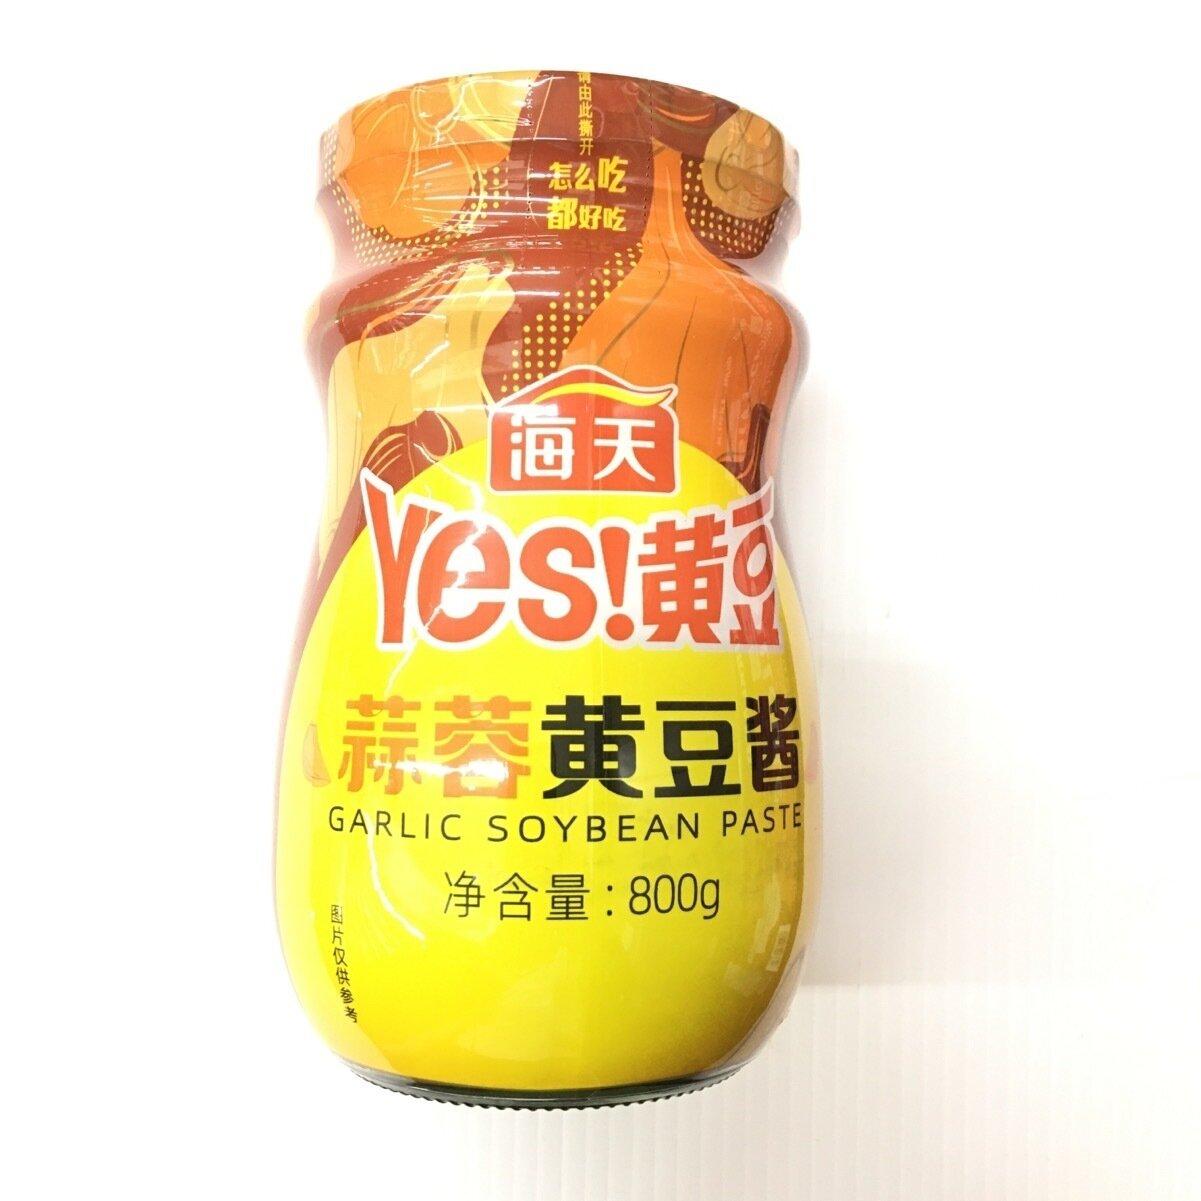 GROC【杂货】(新品)海天 蒜蓉黄豆酱 800g